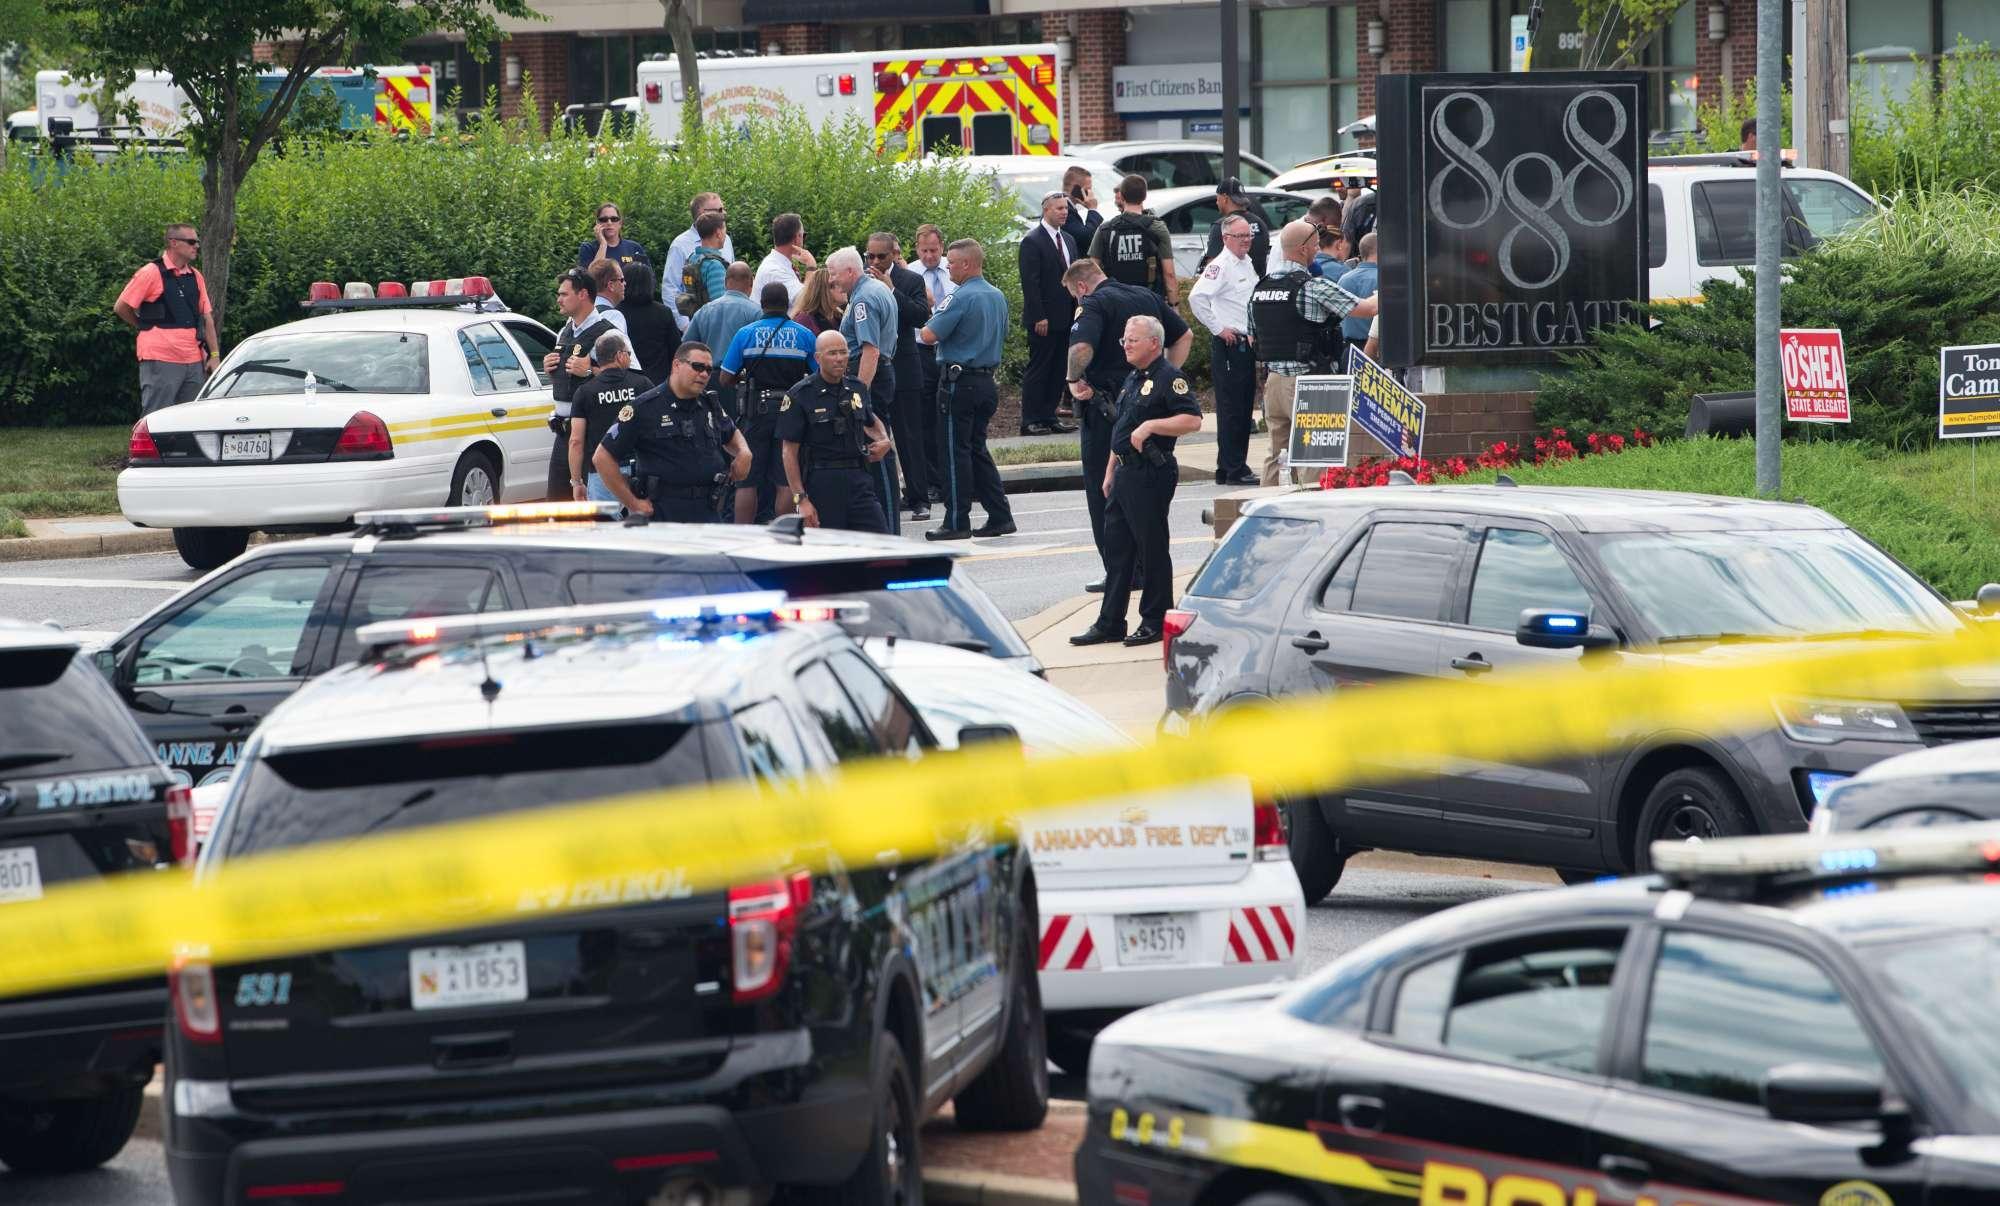 Usa, sparatoria in una redazione del Maryland: almeno 5 morti, un arresto